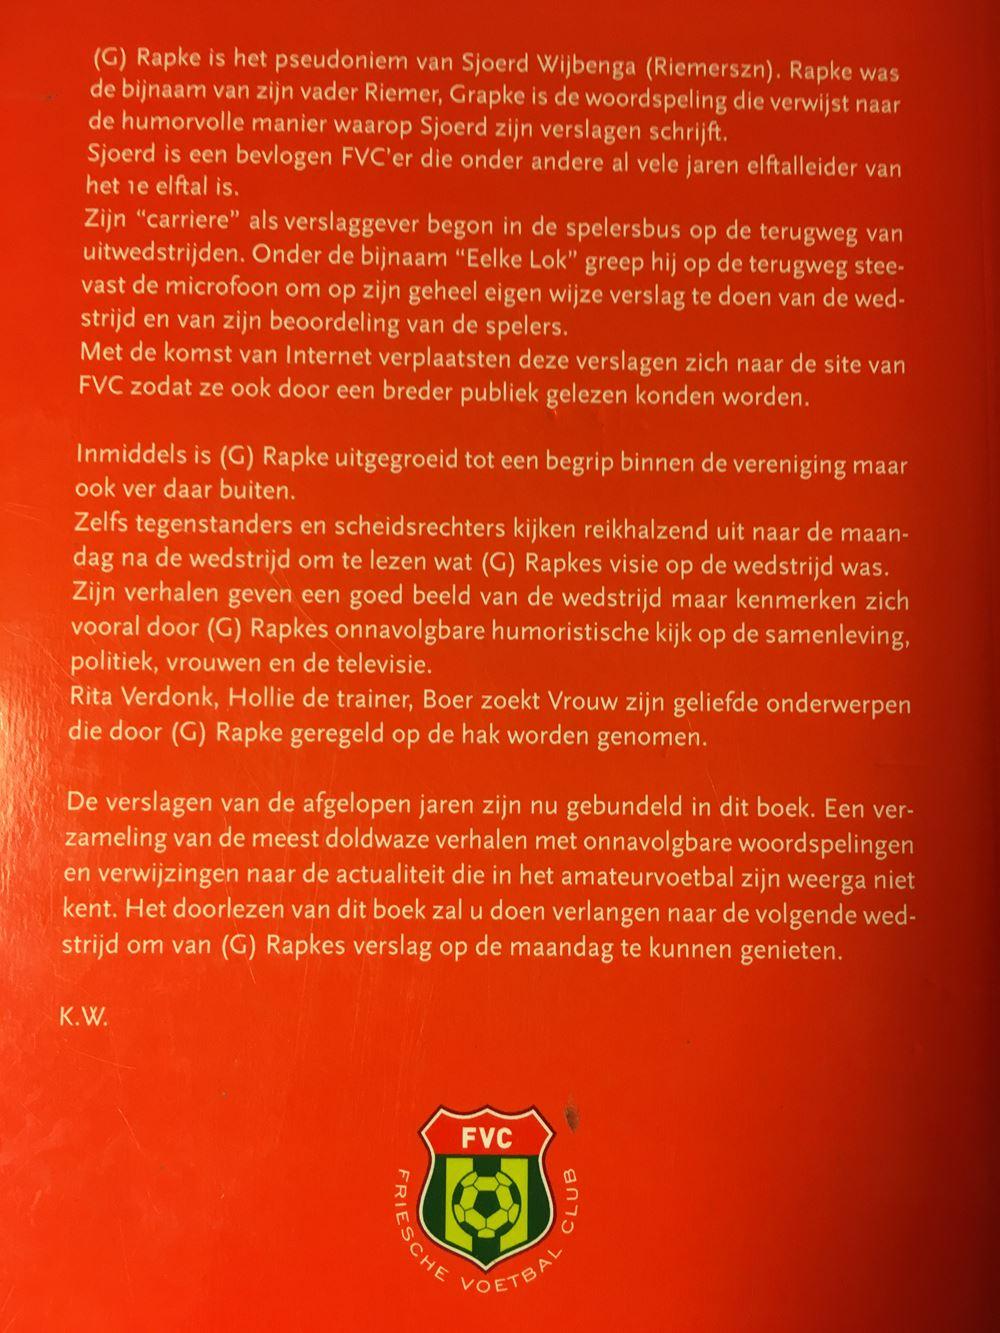 Voorwoord Karel Willemsma